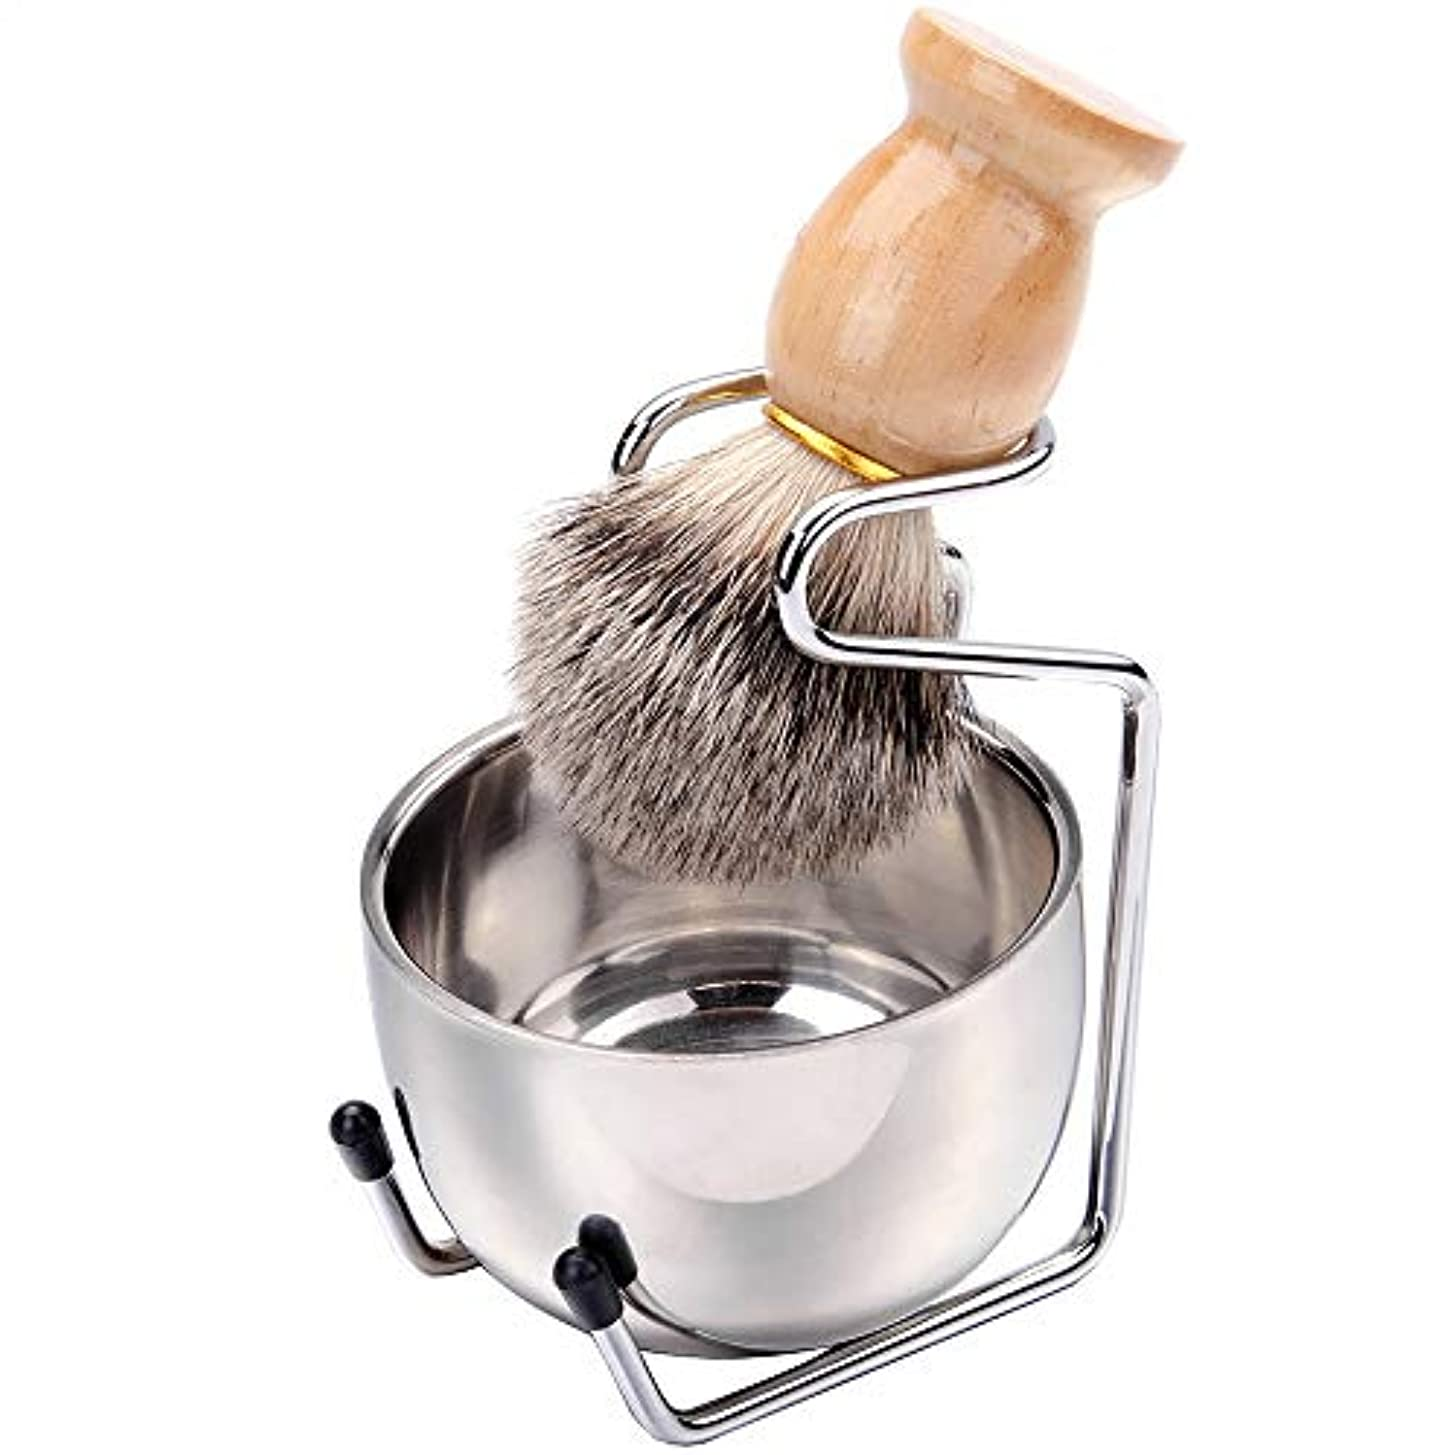 逃れるモノグラフ腕Men's Shaving Tool, 3-piece Beard Care Set Soap Bowl Hanger Brush Facial